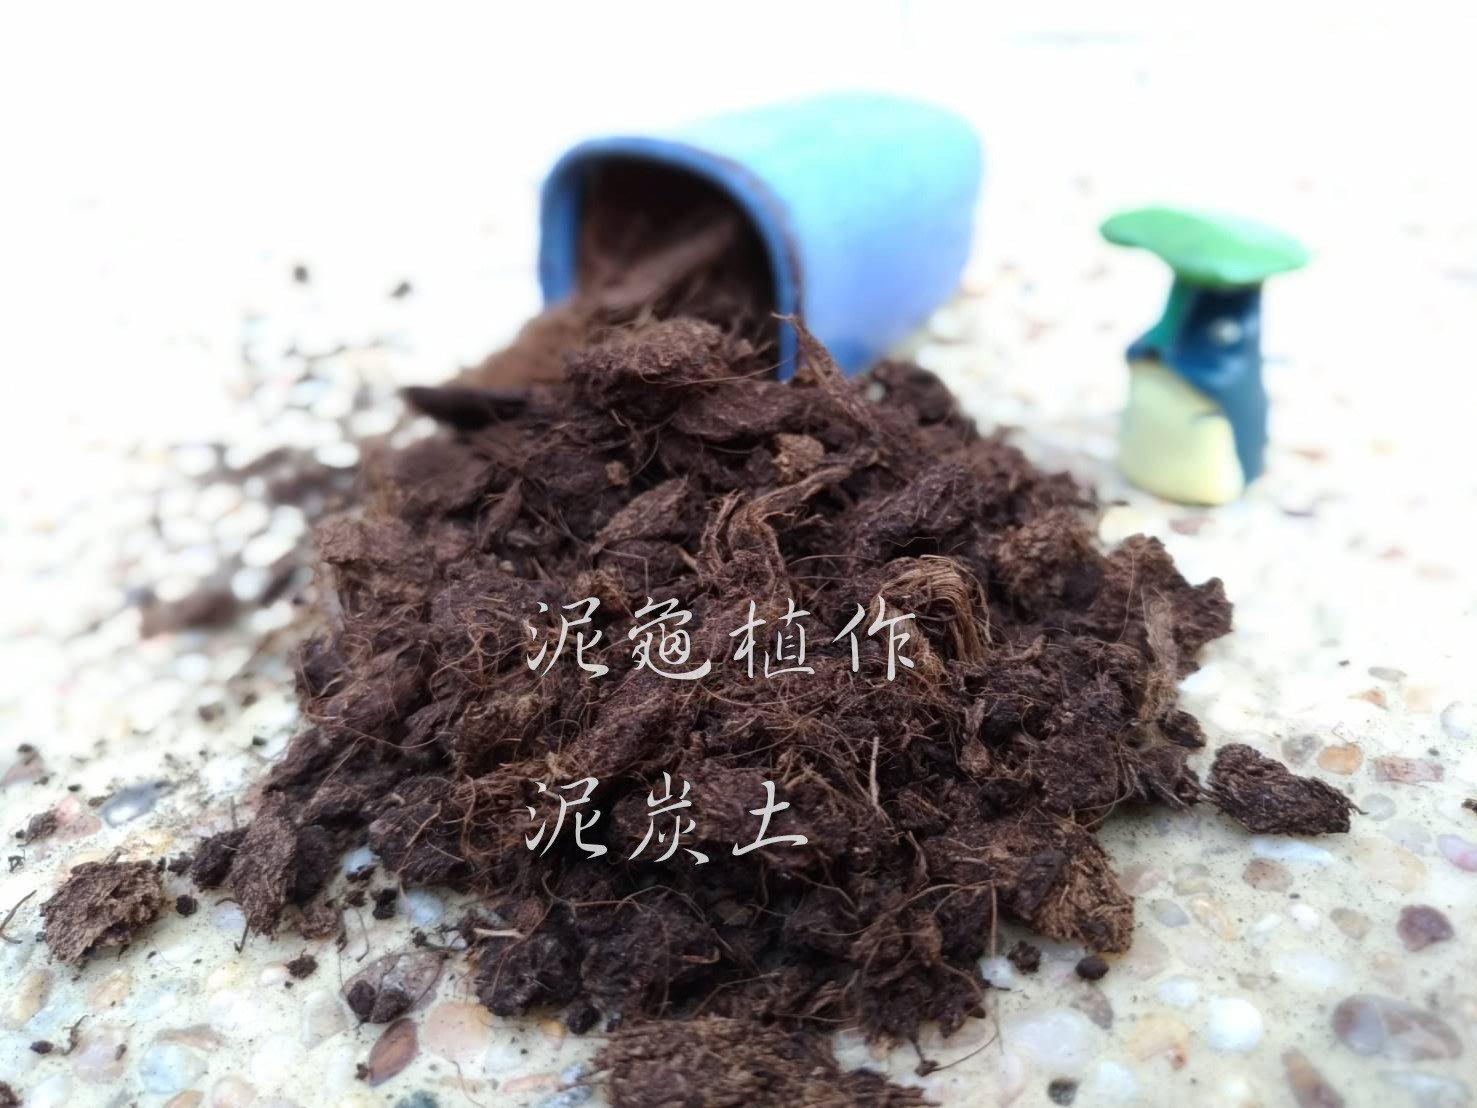 【泥龜☘ 泥炭土_300ml】德國進口泥碳土 育苗 多肉植物 仙人掌 室內植物 盆栽 花卉 園藝 資材 介質